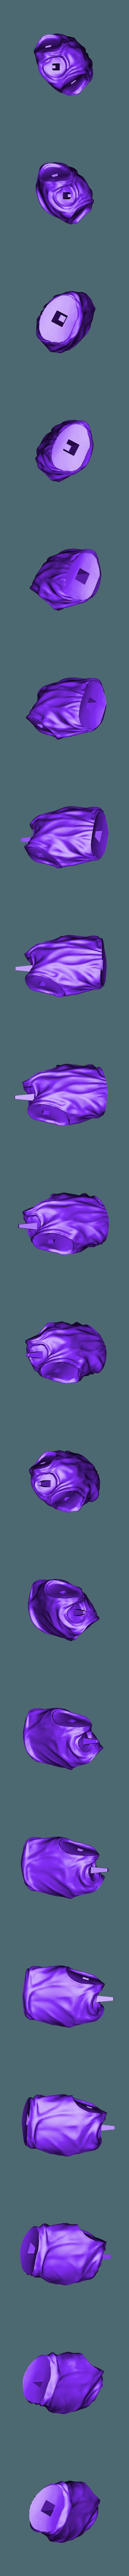 buste.STL Télécharger fichier STL gratuit statue kobe bryant • Design à imprimer en 3D, fantibus14